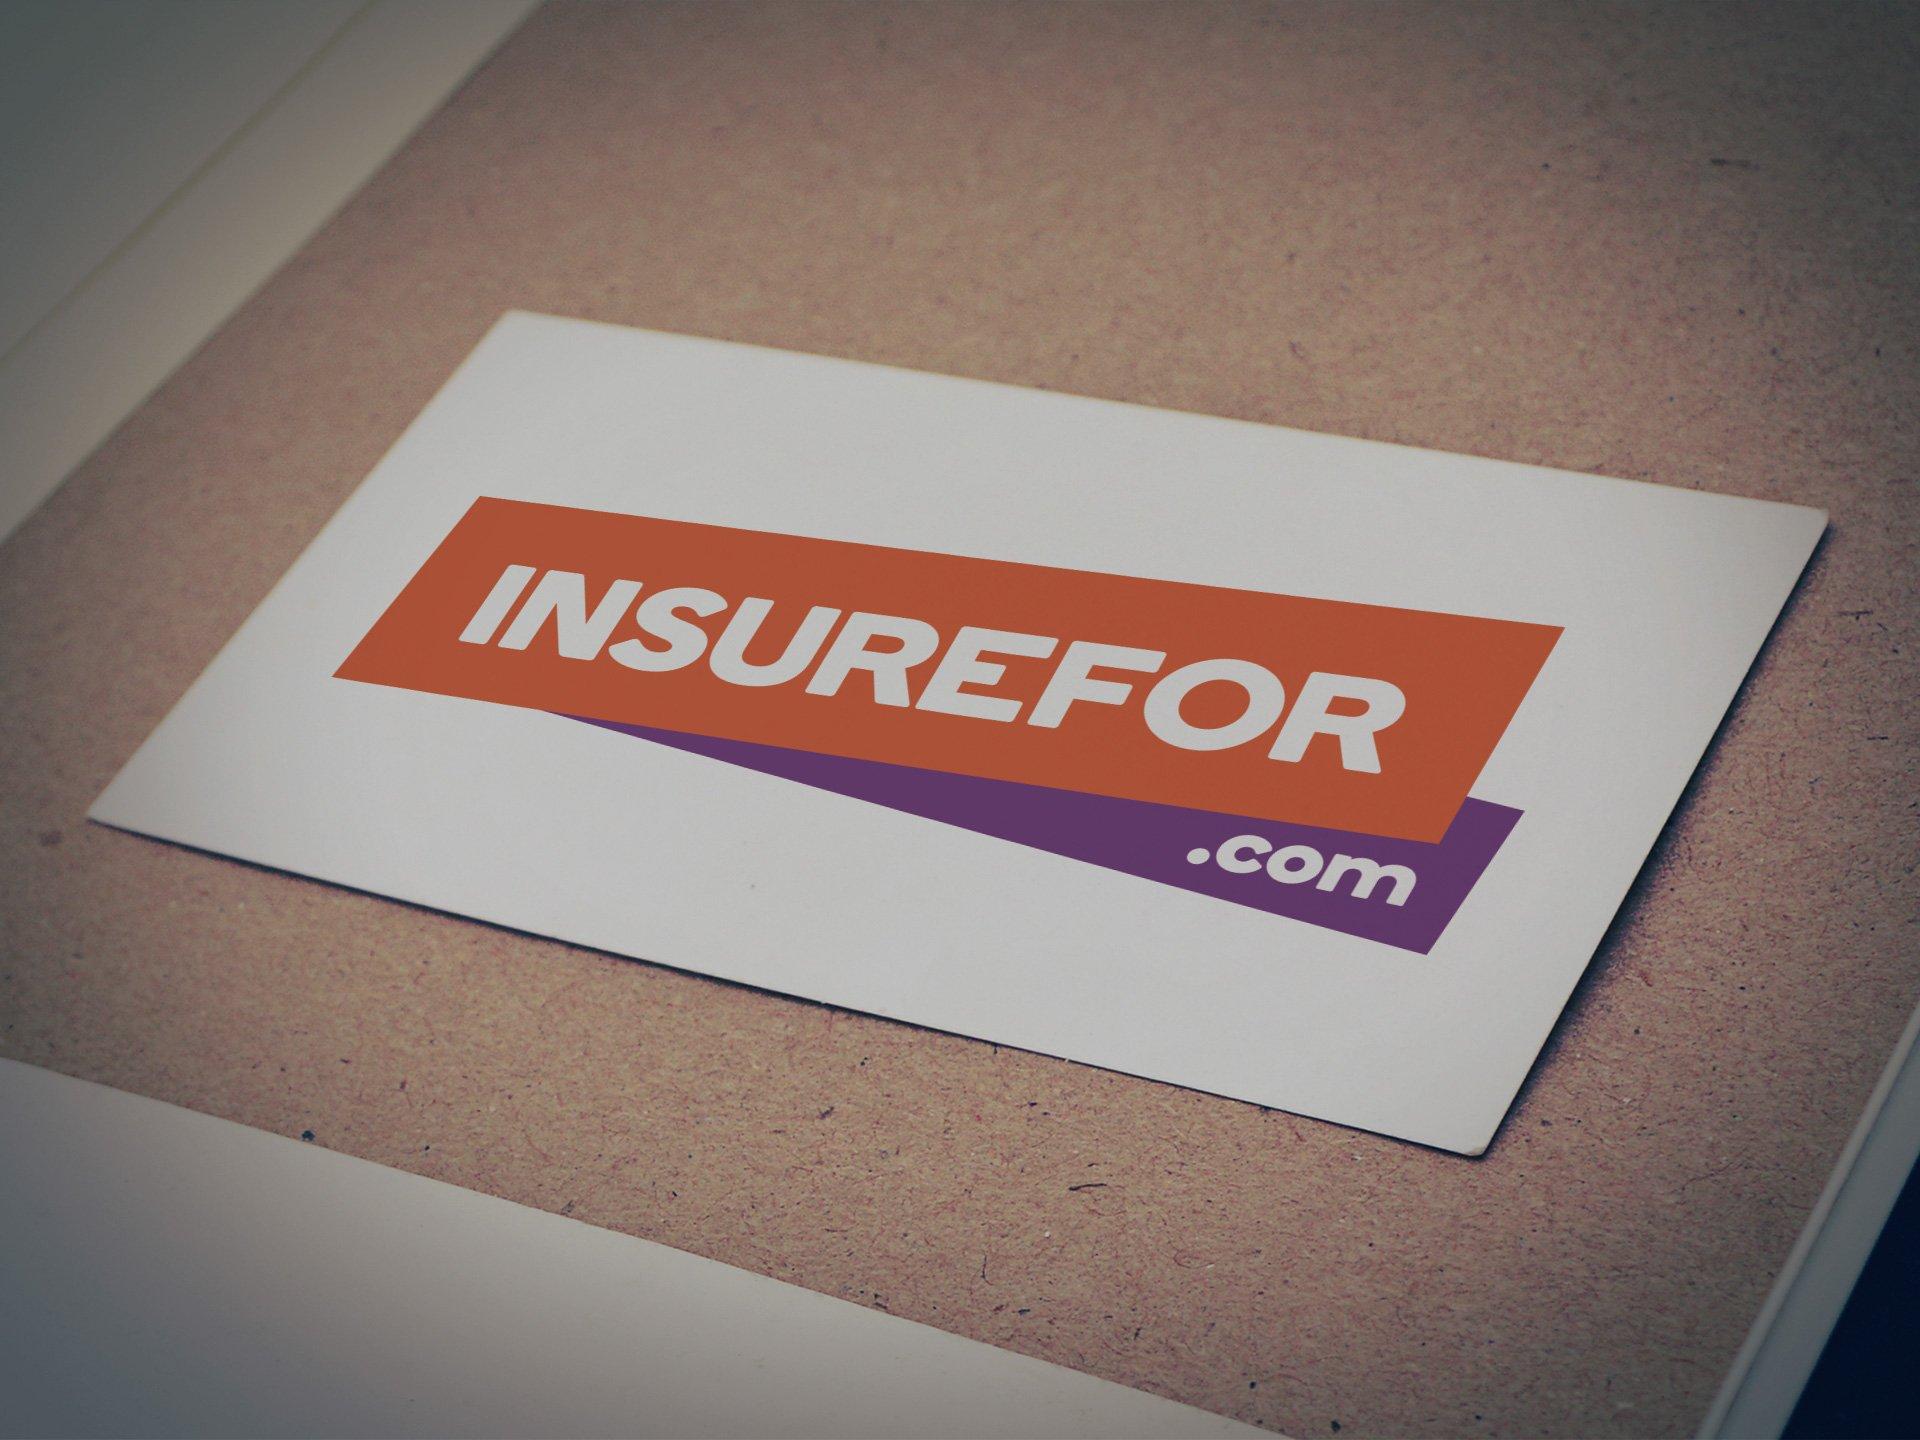 Insurefor.com Logo - Designed for ROCK Insurance Group by Casper Creative